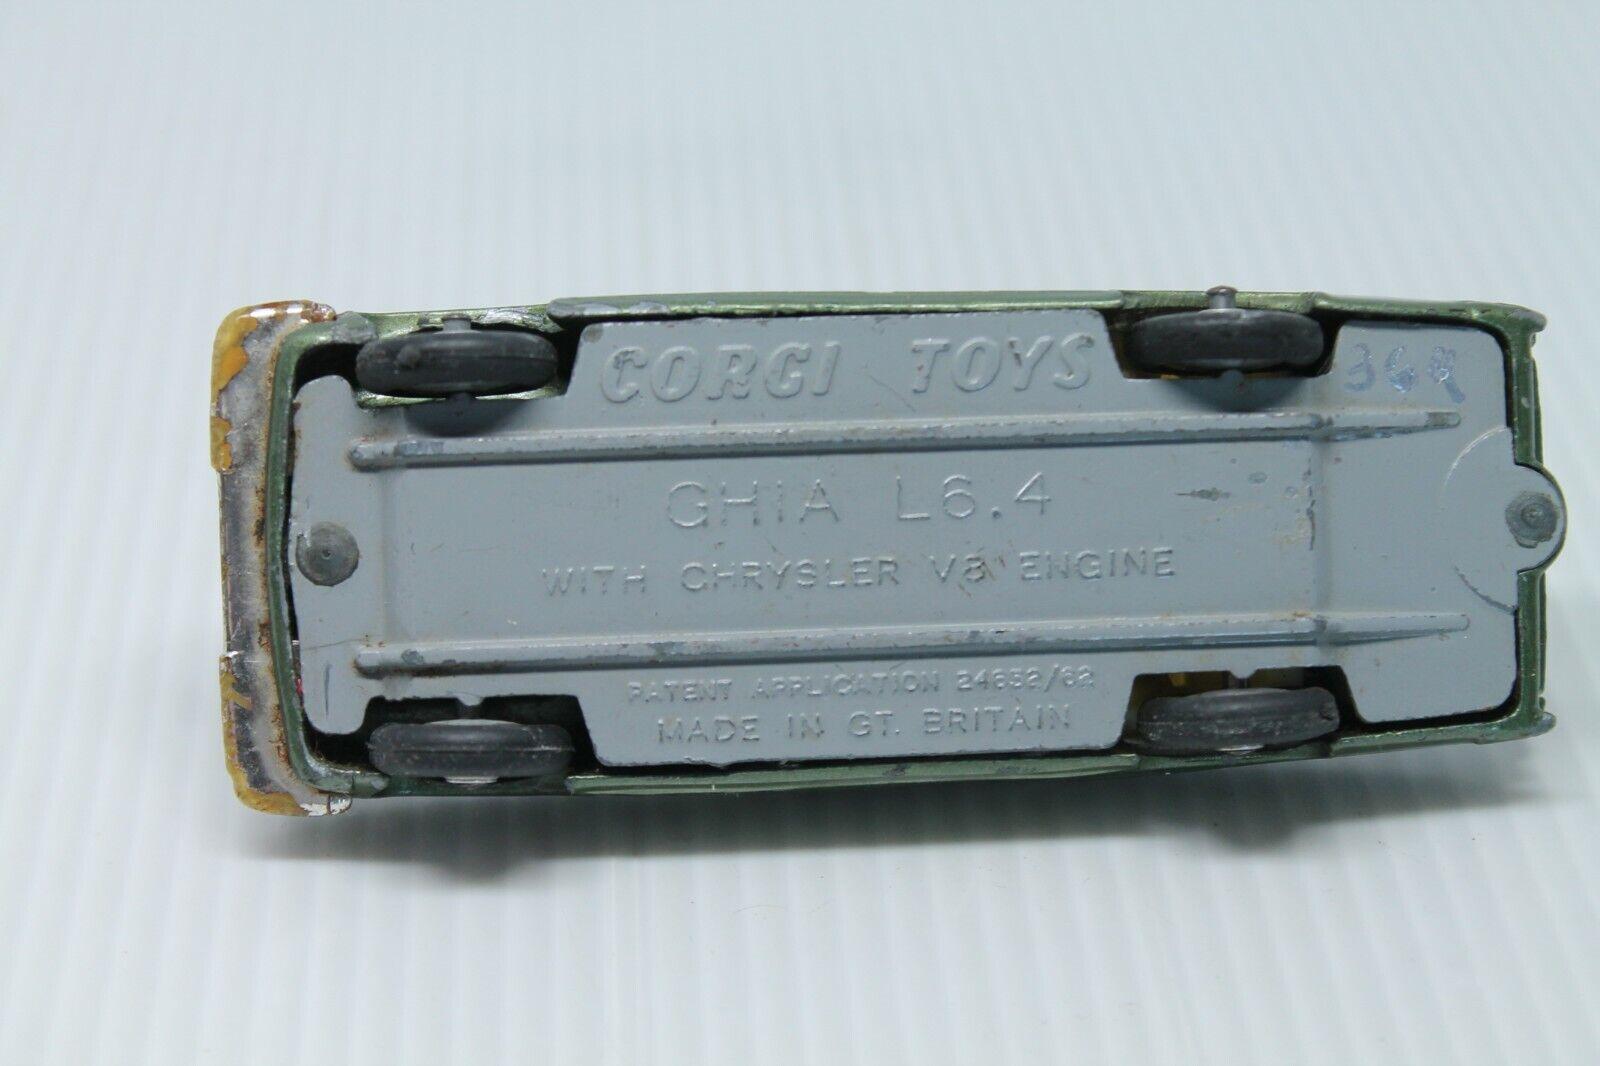 CORGI TOYS  Ghia l6.4 avec chrysler chrysler chrysler engine  1 43 46b4a6